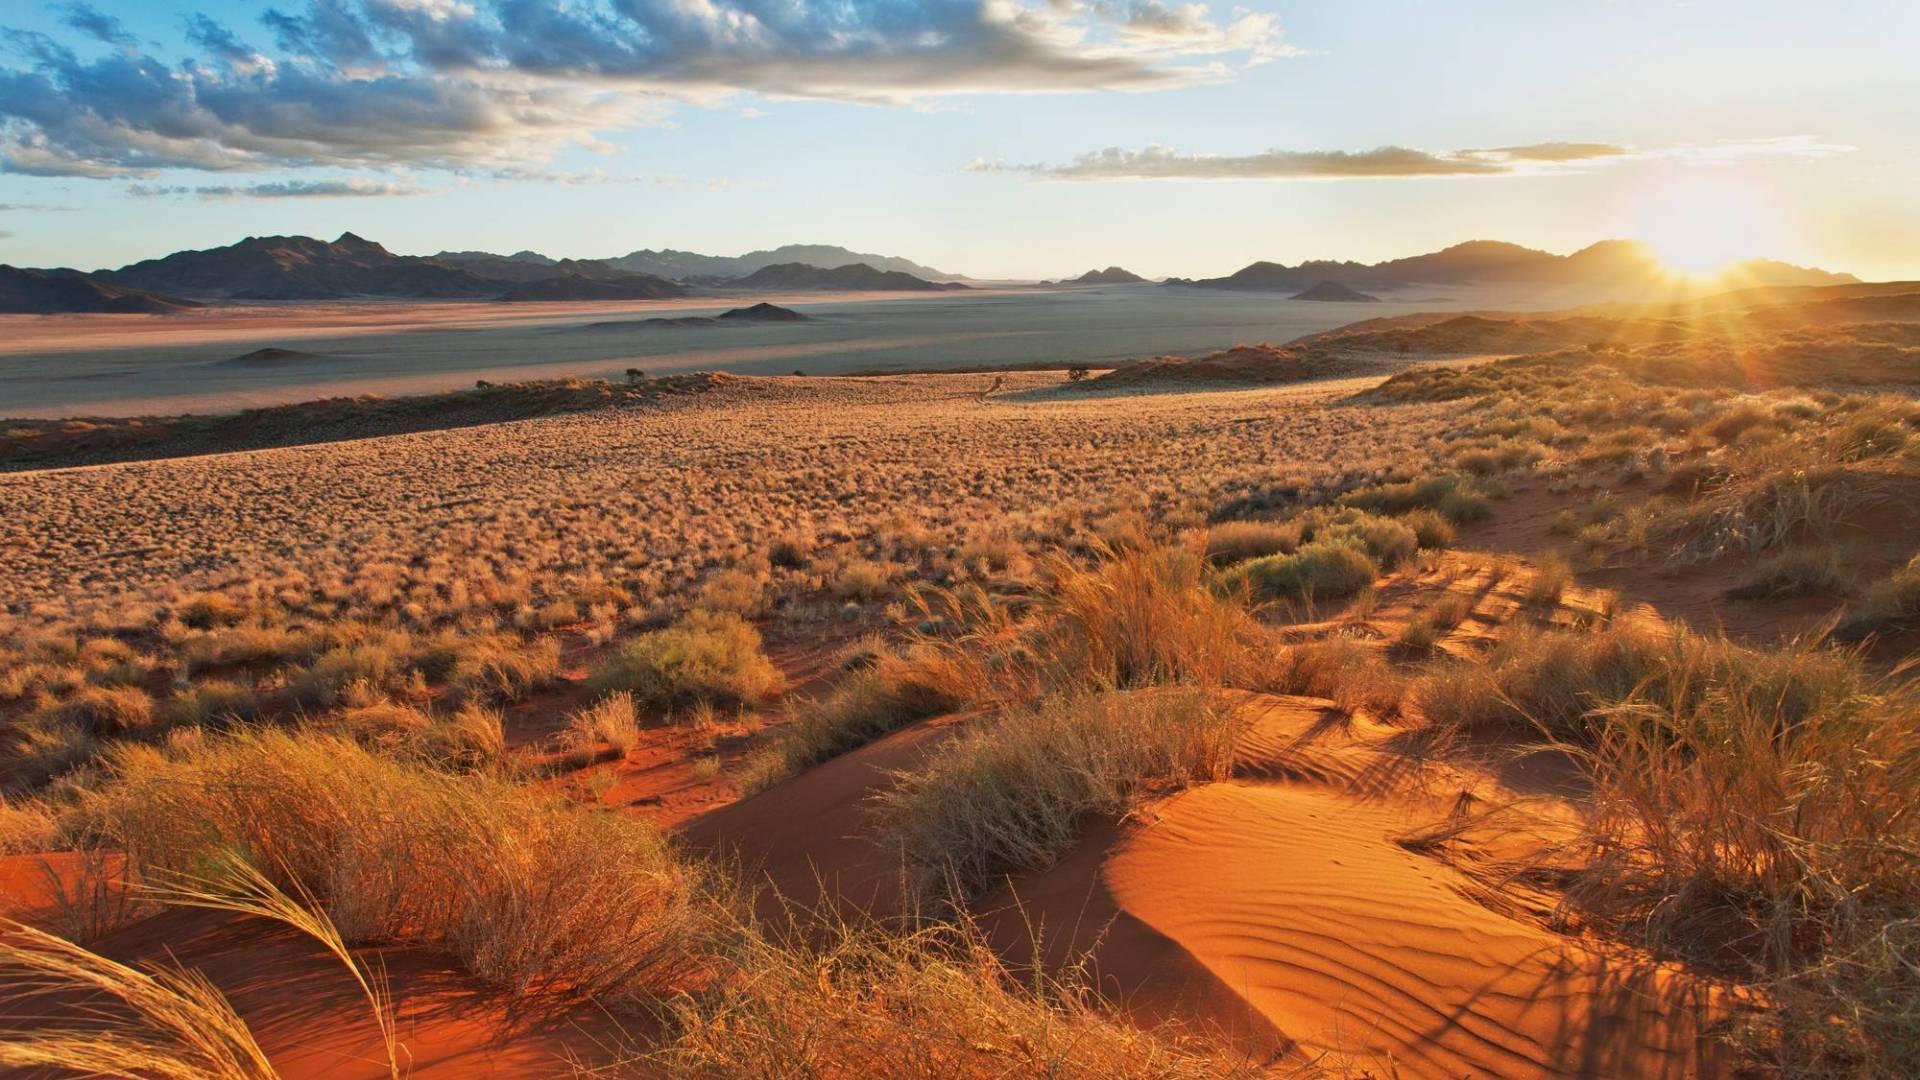 namibia 44 prozent stehen unter naturschutz wwf schweiz. Black Bedroom Furniture Sets. Home Design Ideas